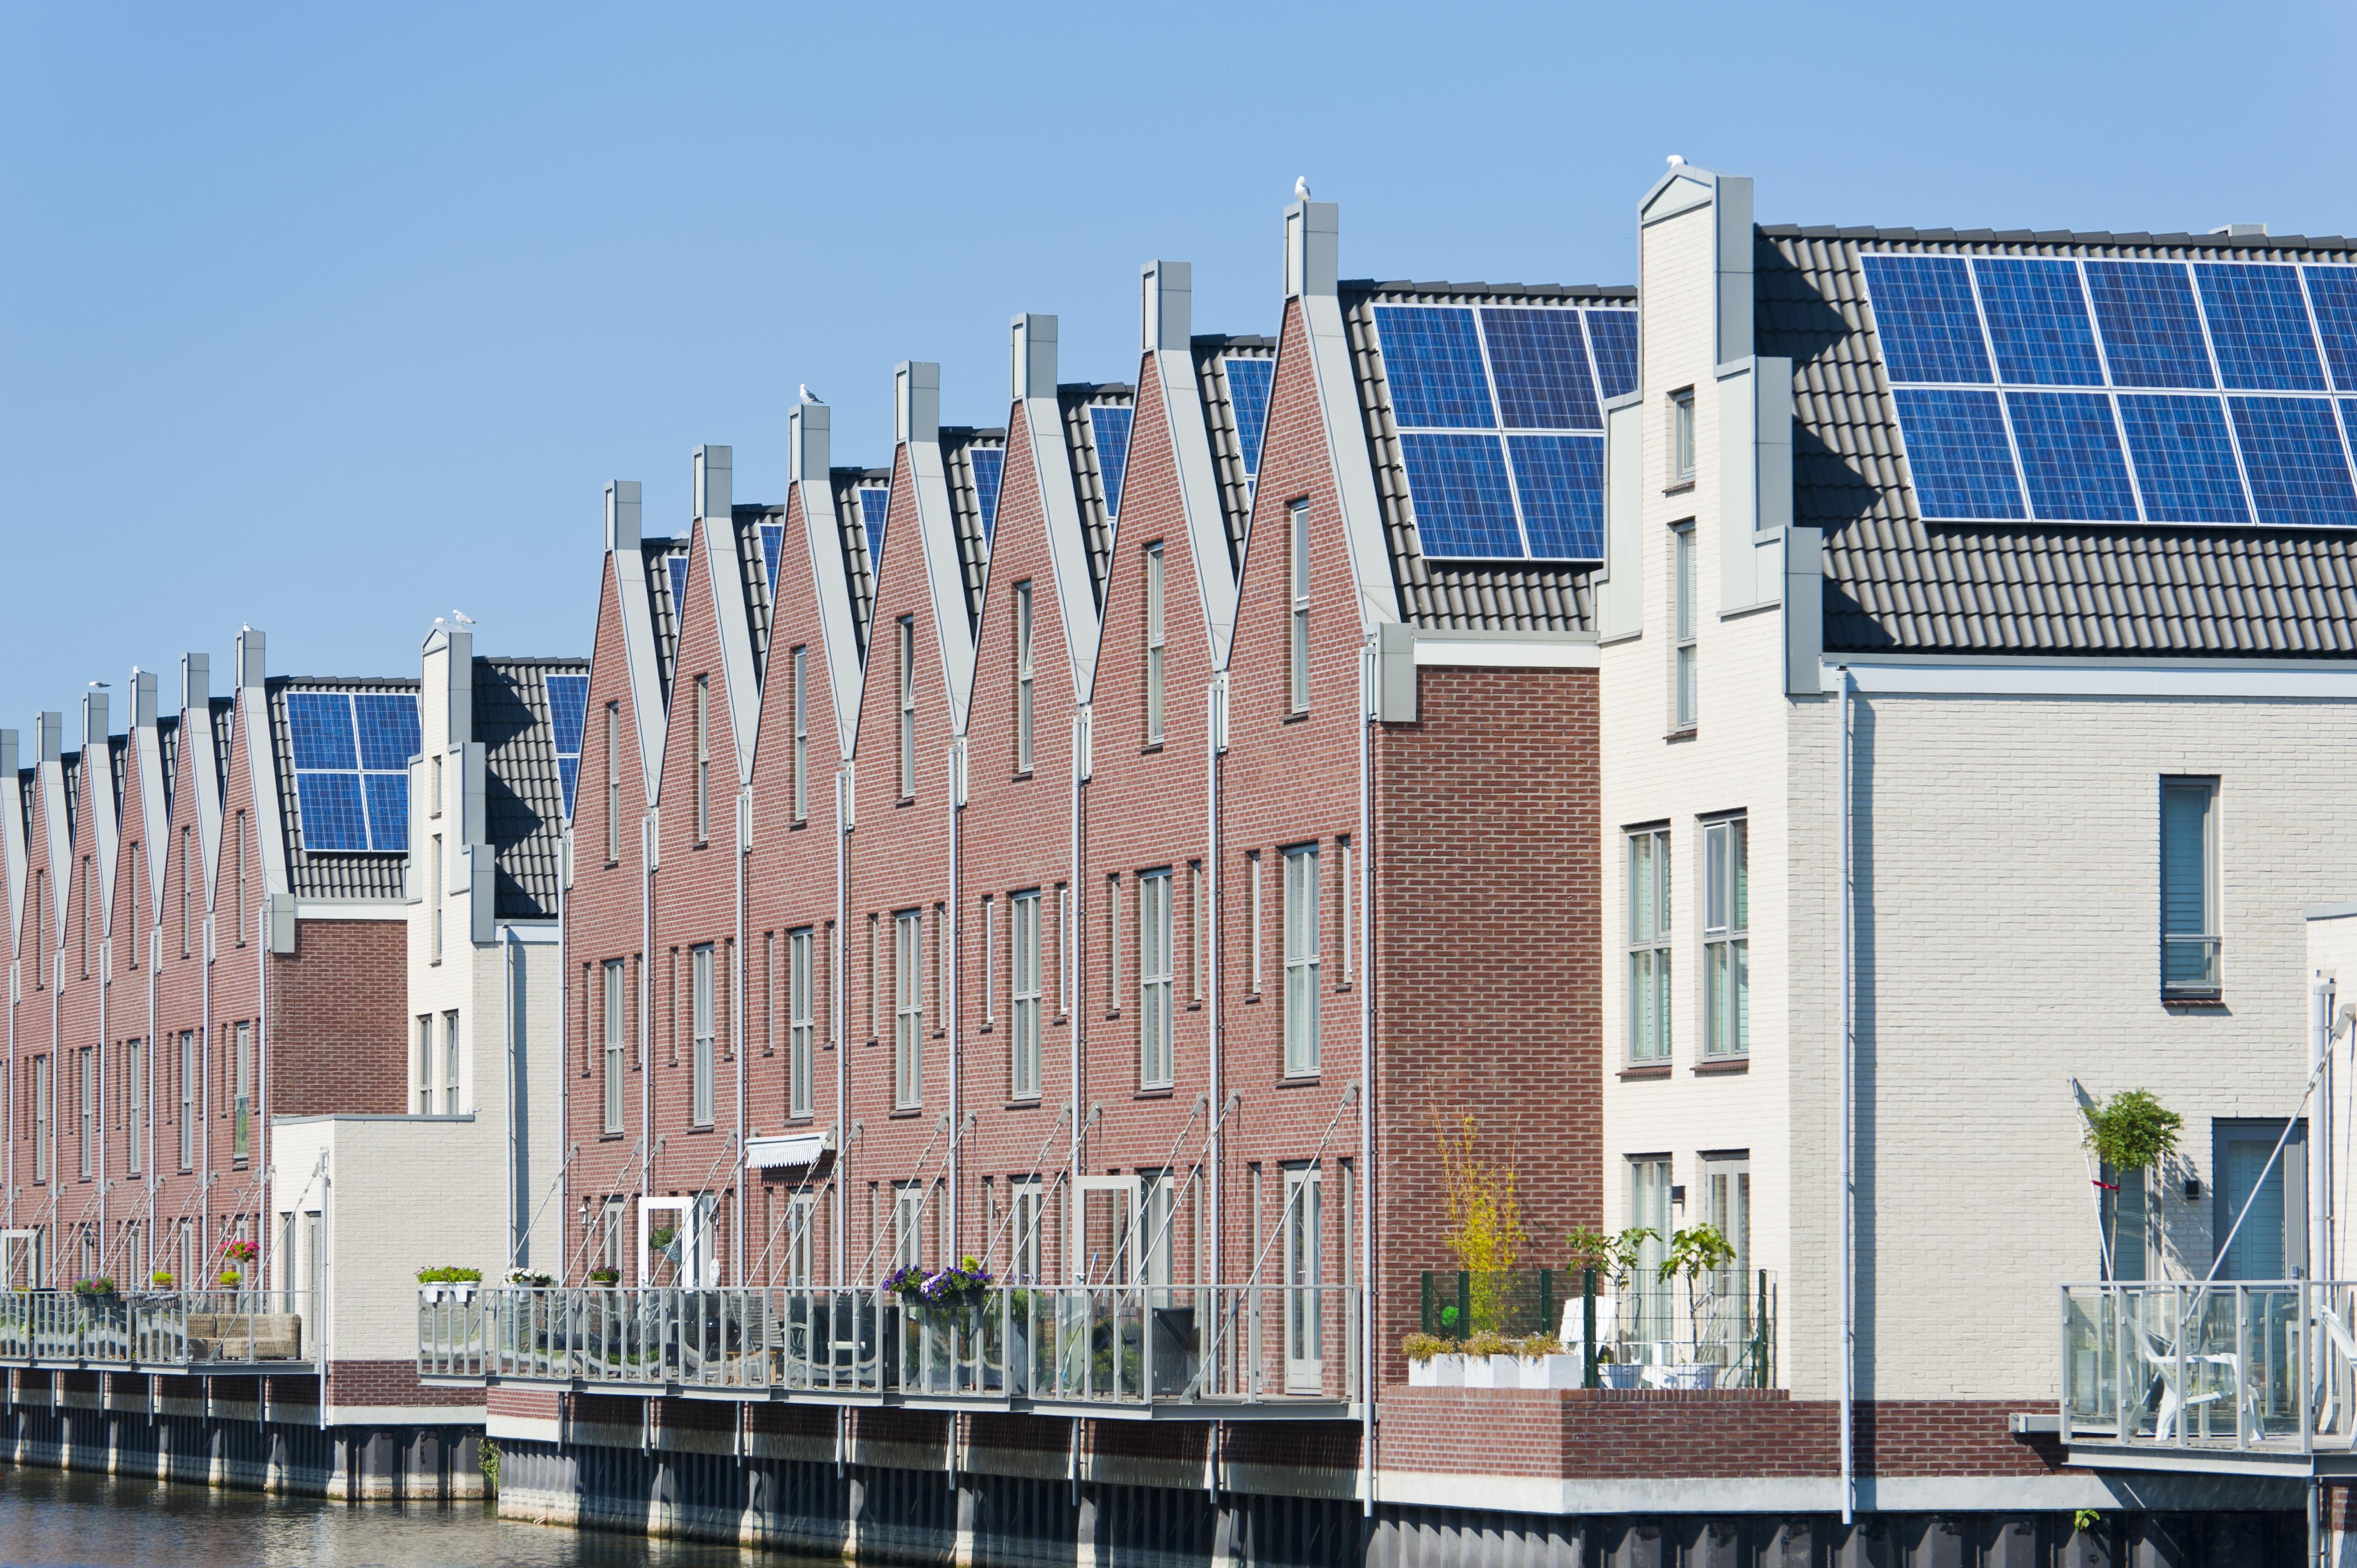 foto huizen met zonnepanelen op daken